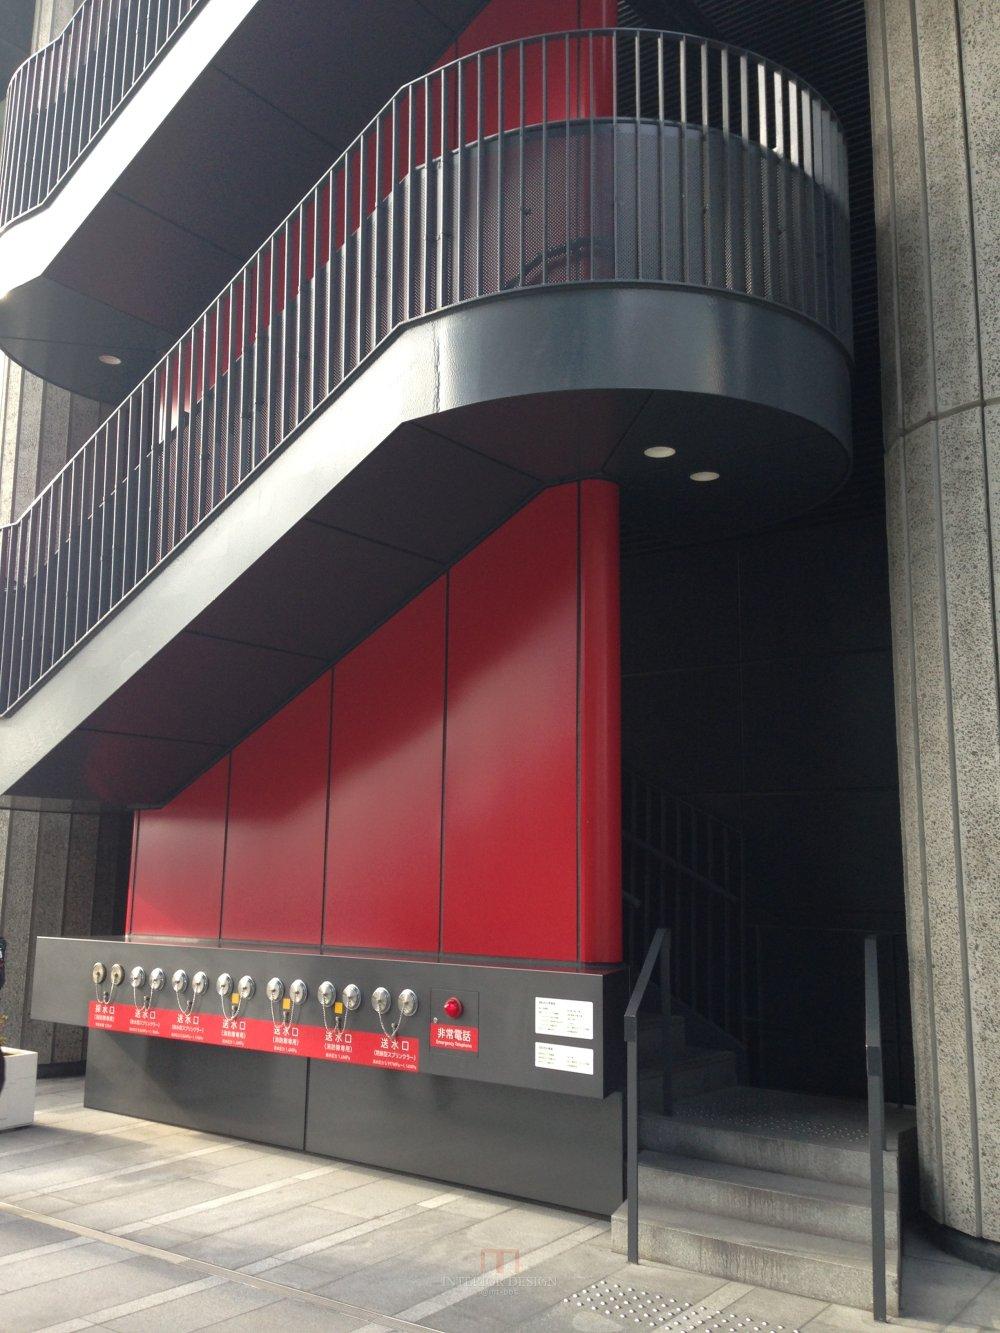 #伙伴一起看日本#  日本设计考察分享(更新美秀美术馆)_IMG_4891.JPG